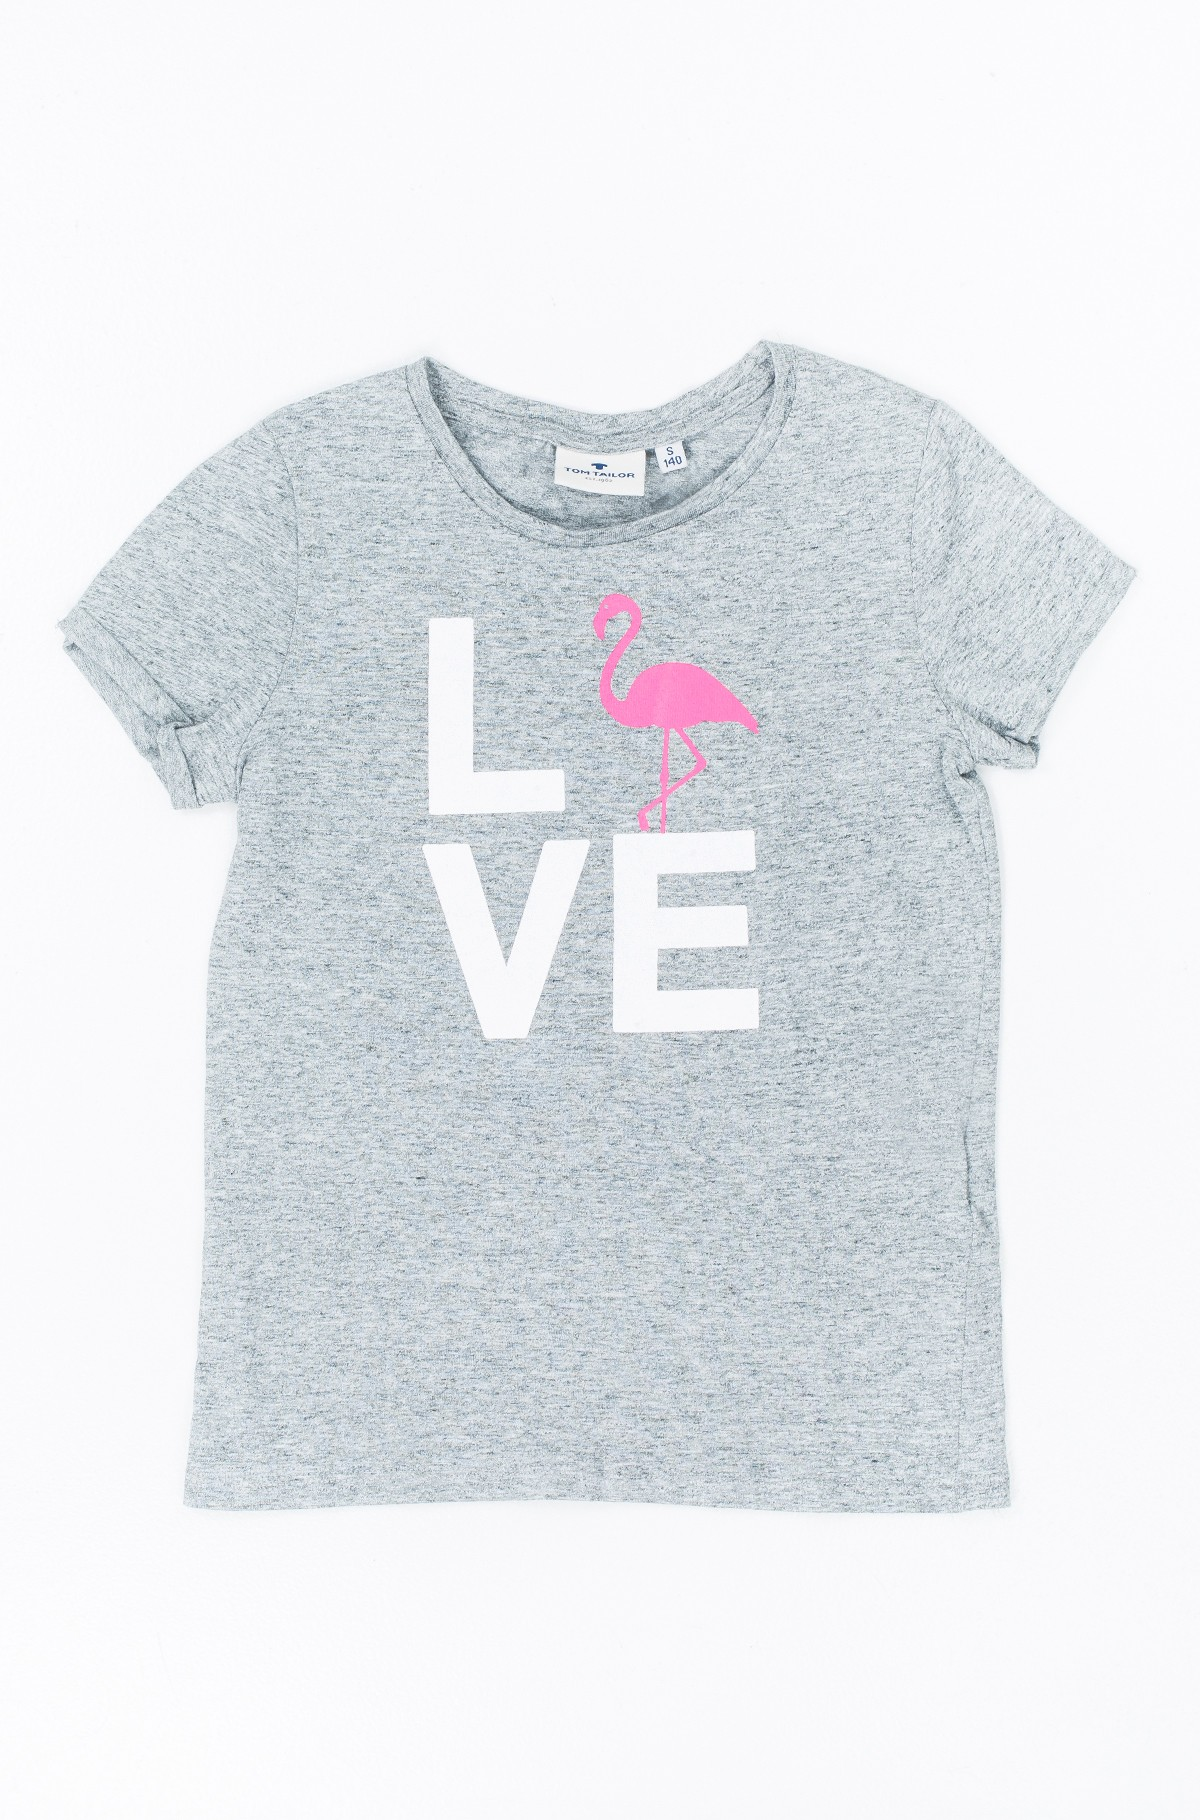 Vaikiški marškinėliai trumpomis rankovėmis 10394800040-full-1